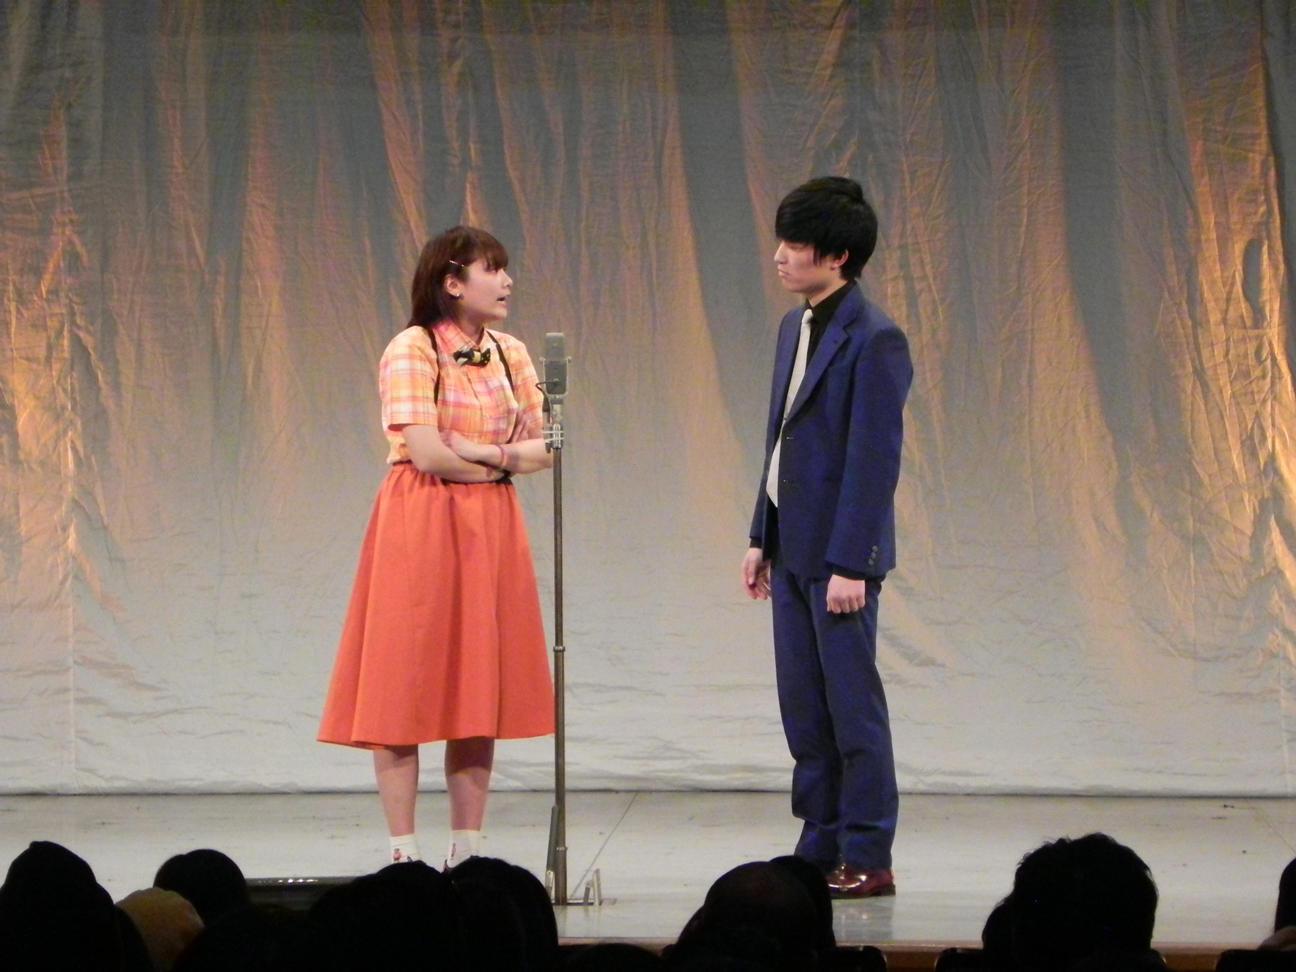 http://news.yoshimoto.co.jp/20170228144420-46901e56fbd6da75e3739ba047c655d9d83102f2.jpg